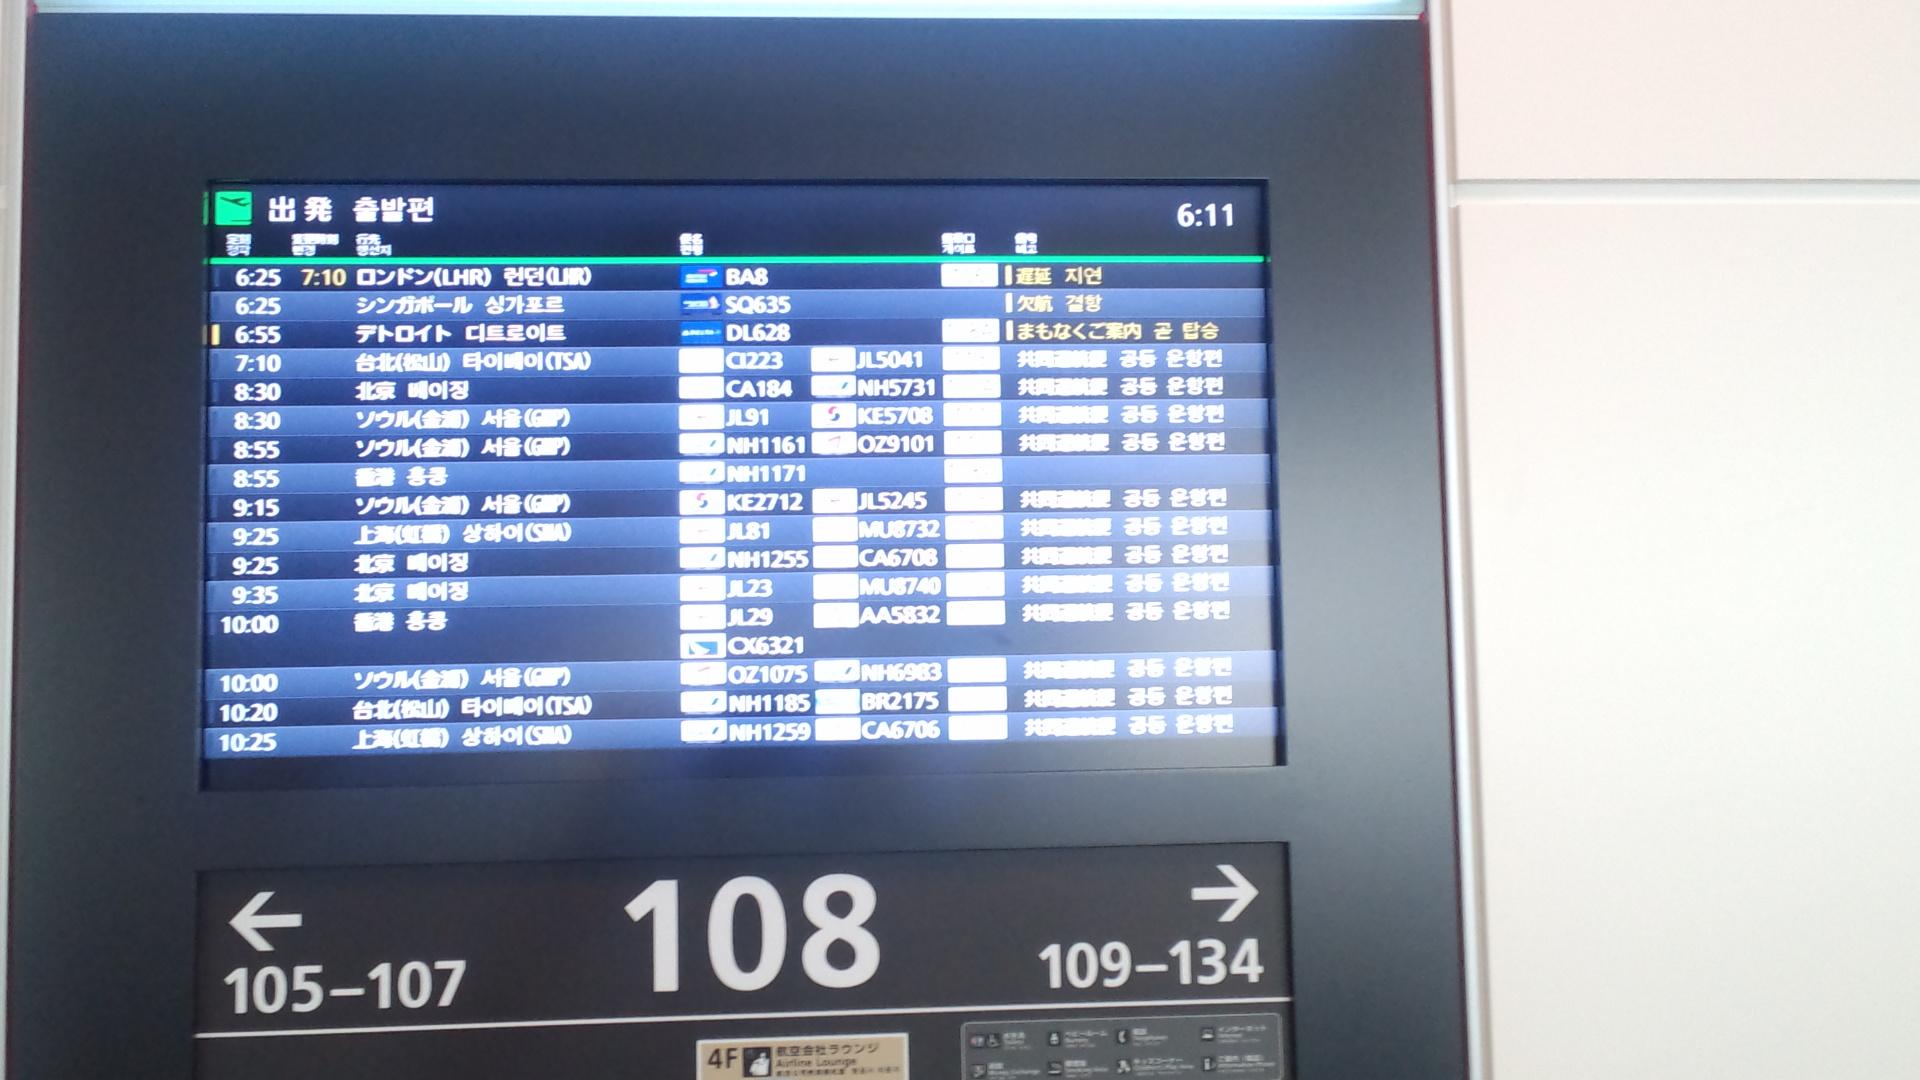 デトロイト行きを示す時刻表